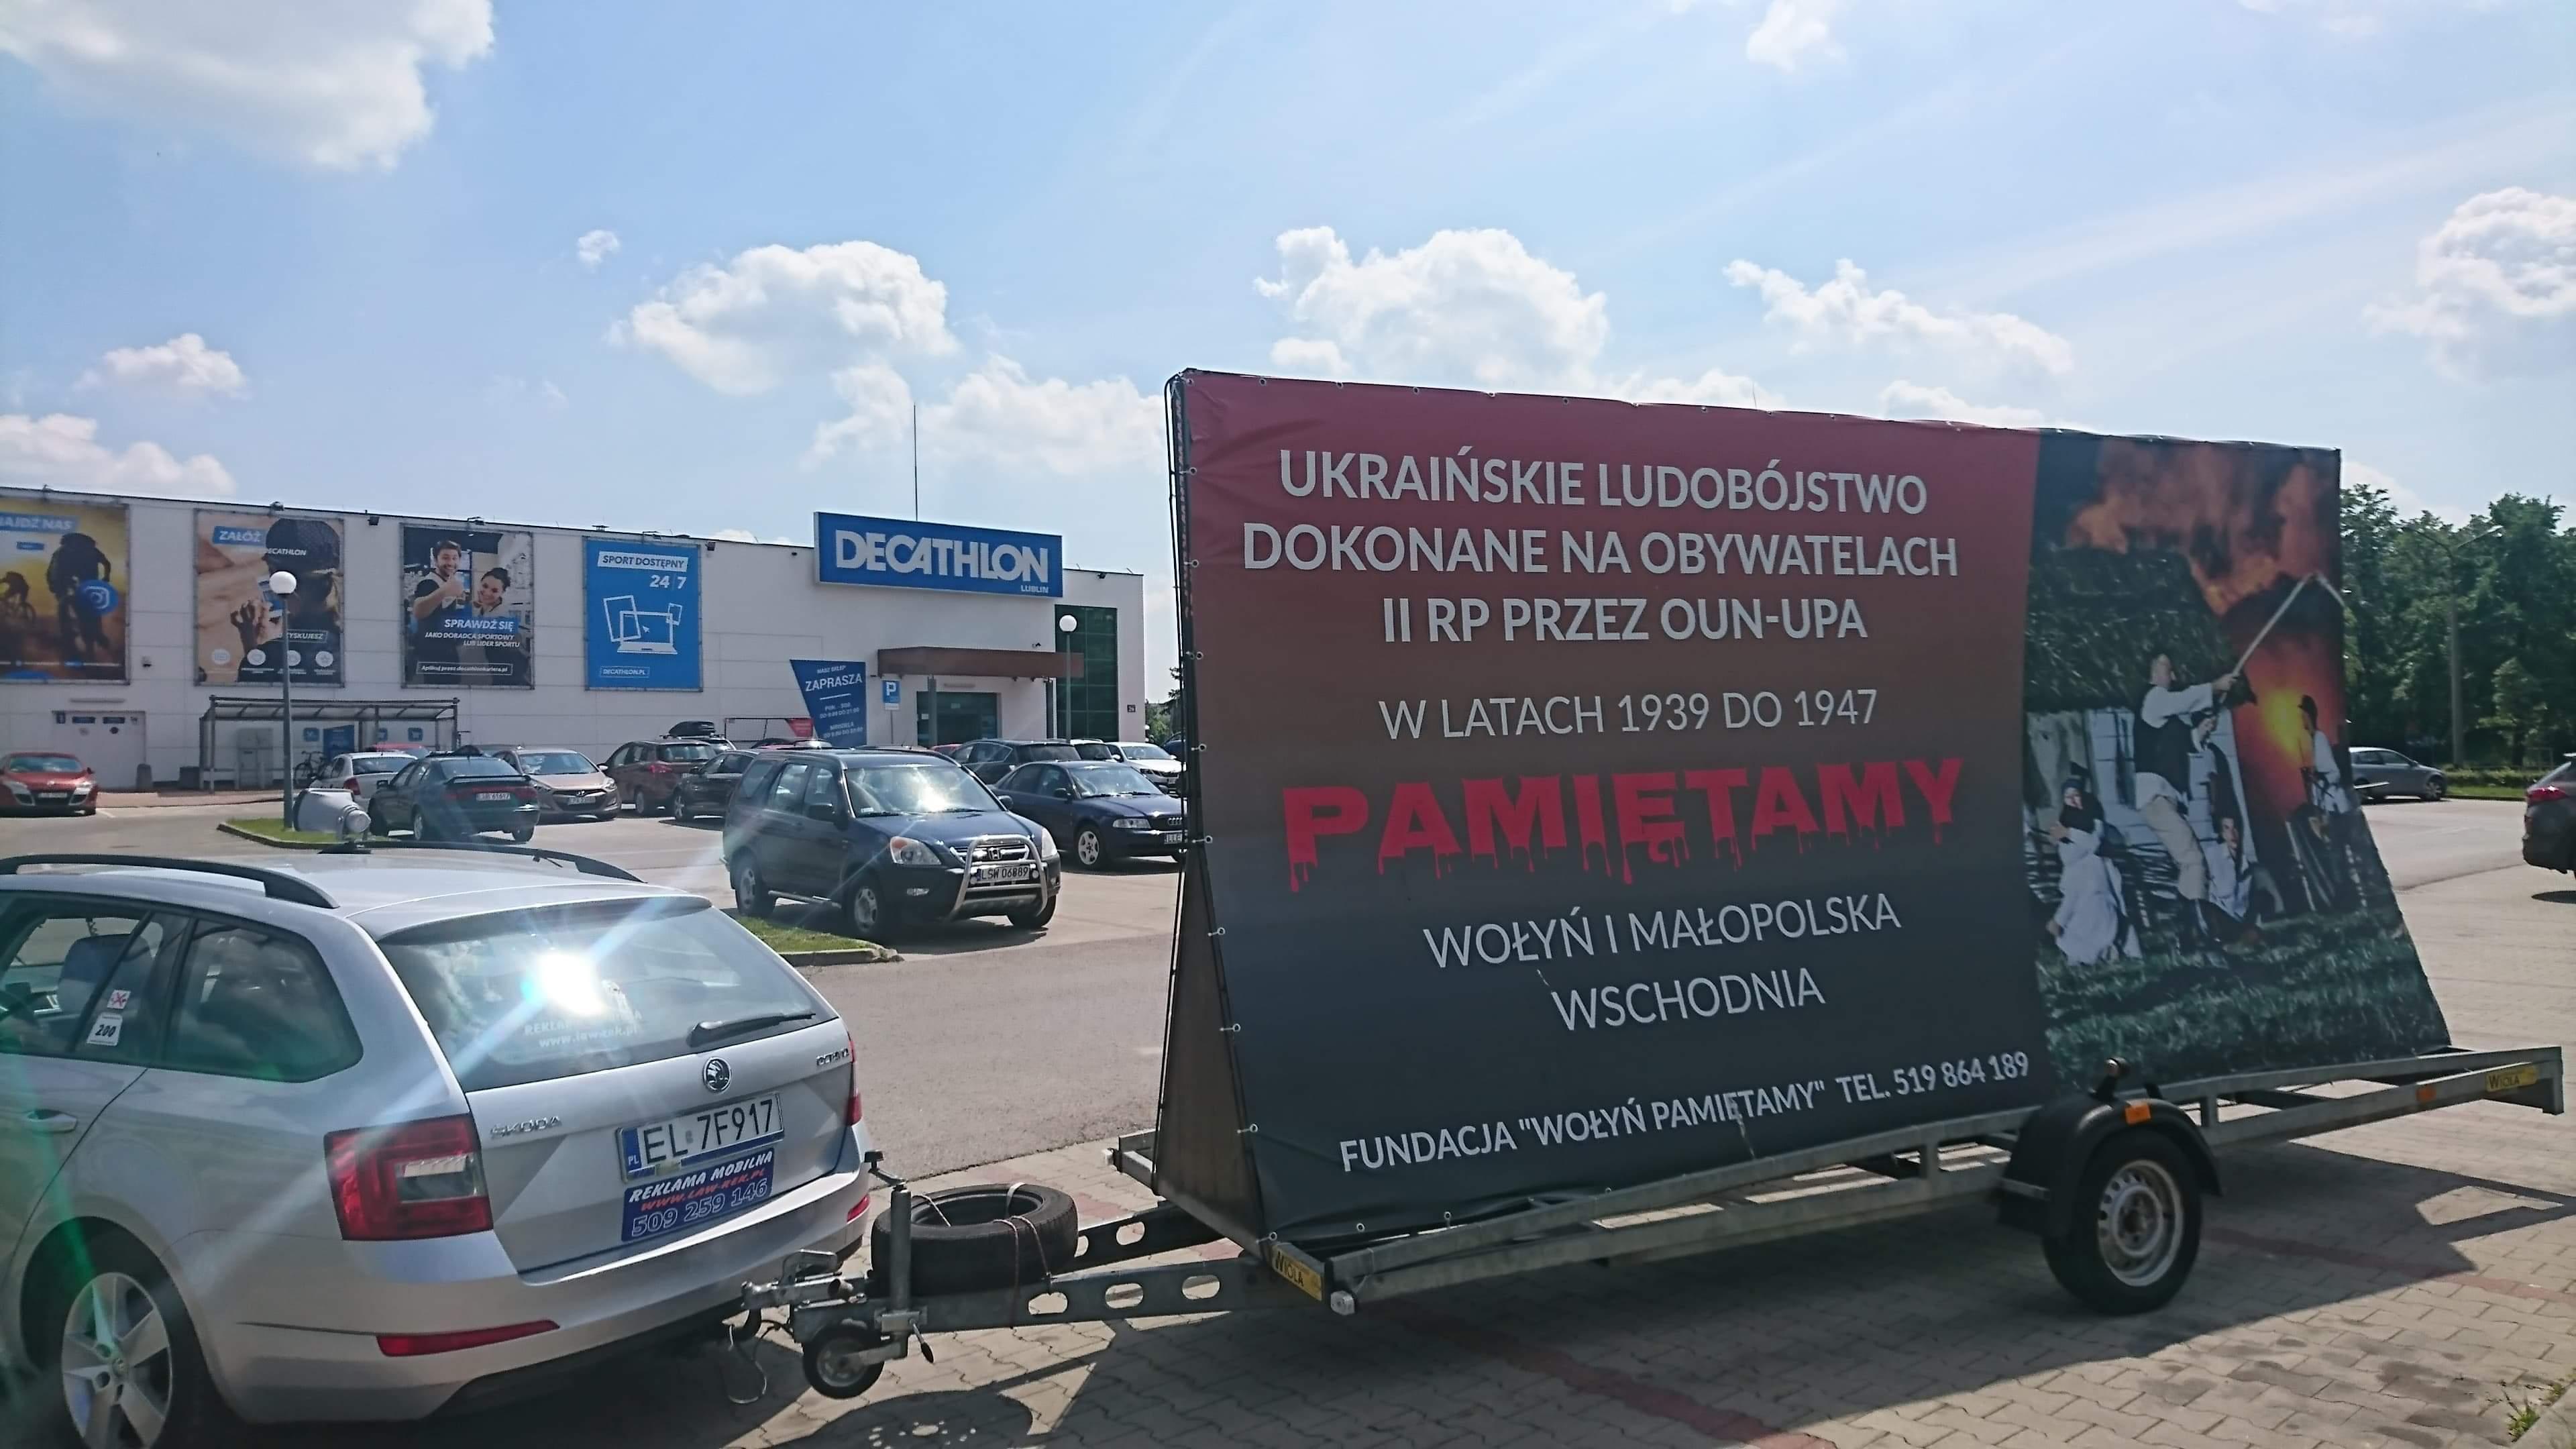 Kampania informująca o ludobójstwiena wołyńsko-małopolskim w Lublinie. Fot. Fundacja Wołyń Pamiętamy